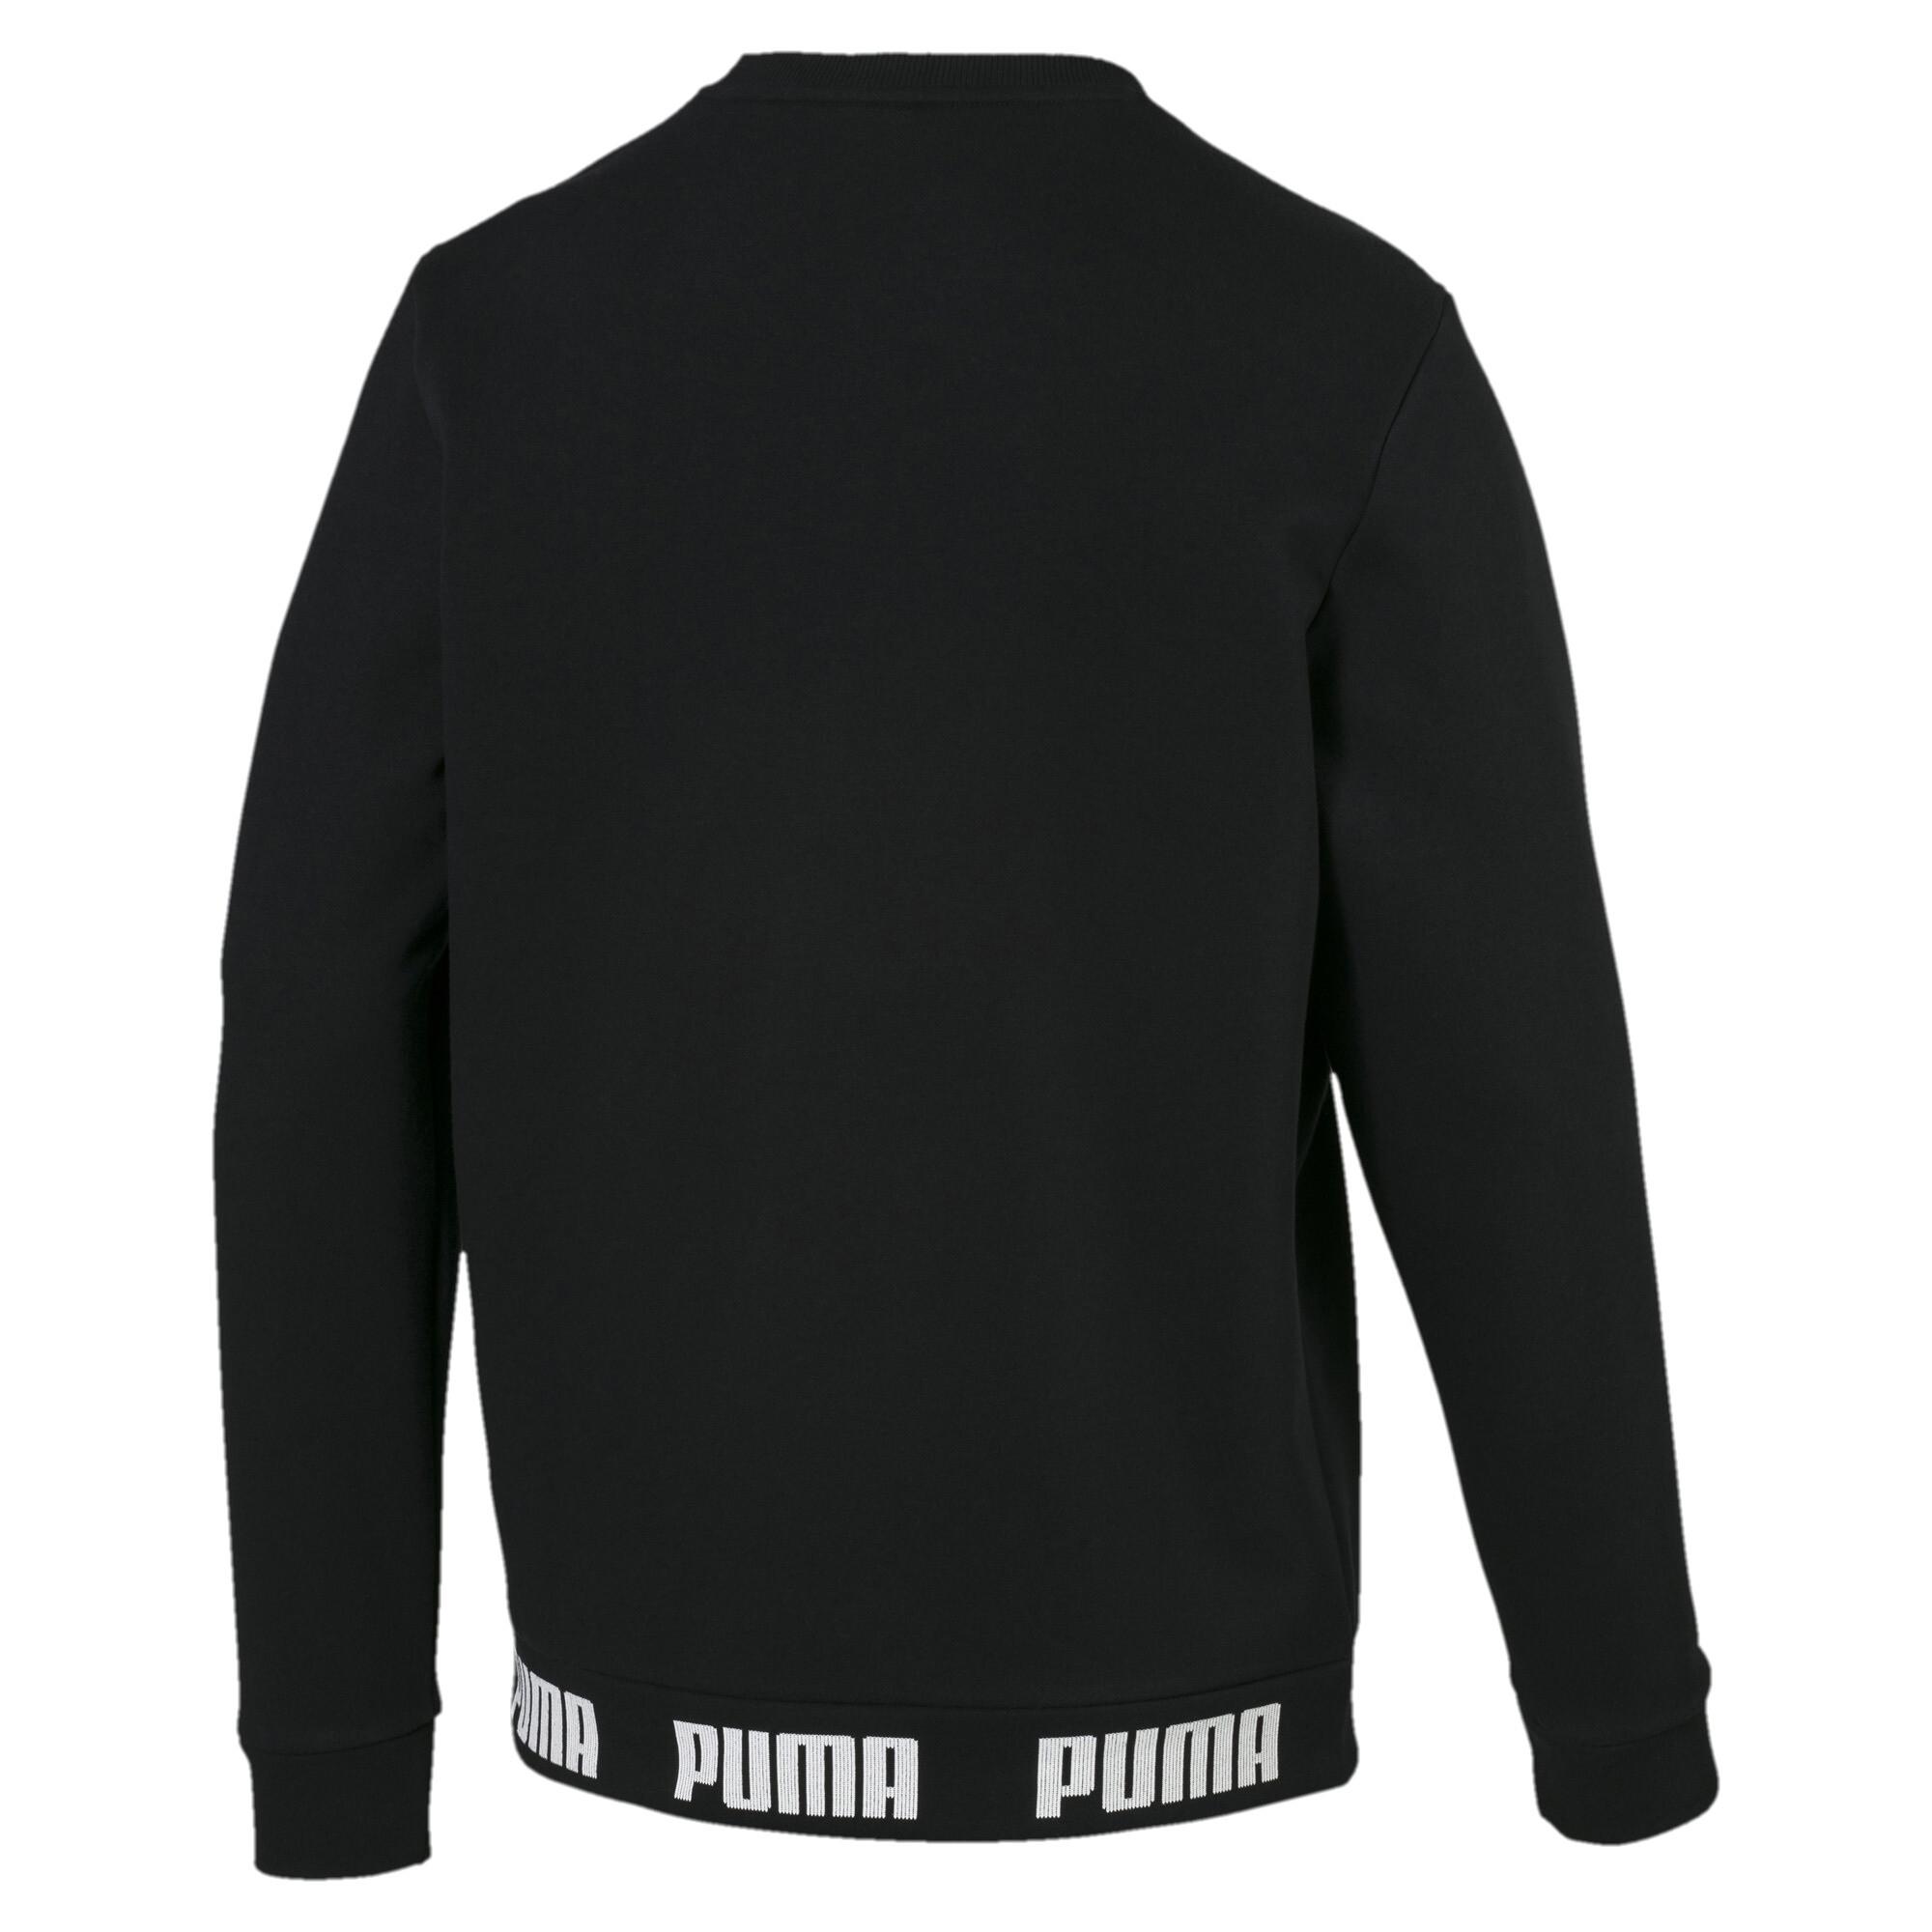 Image Puma Amplified Fleece Men's Sweater #5